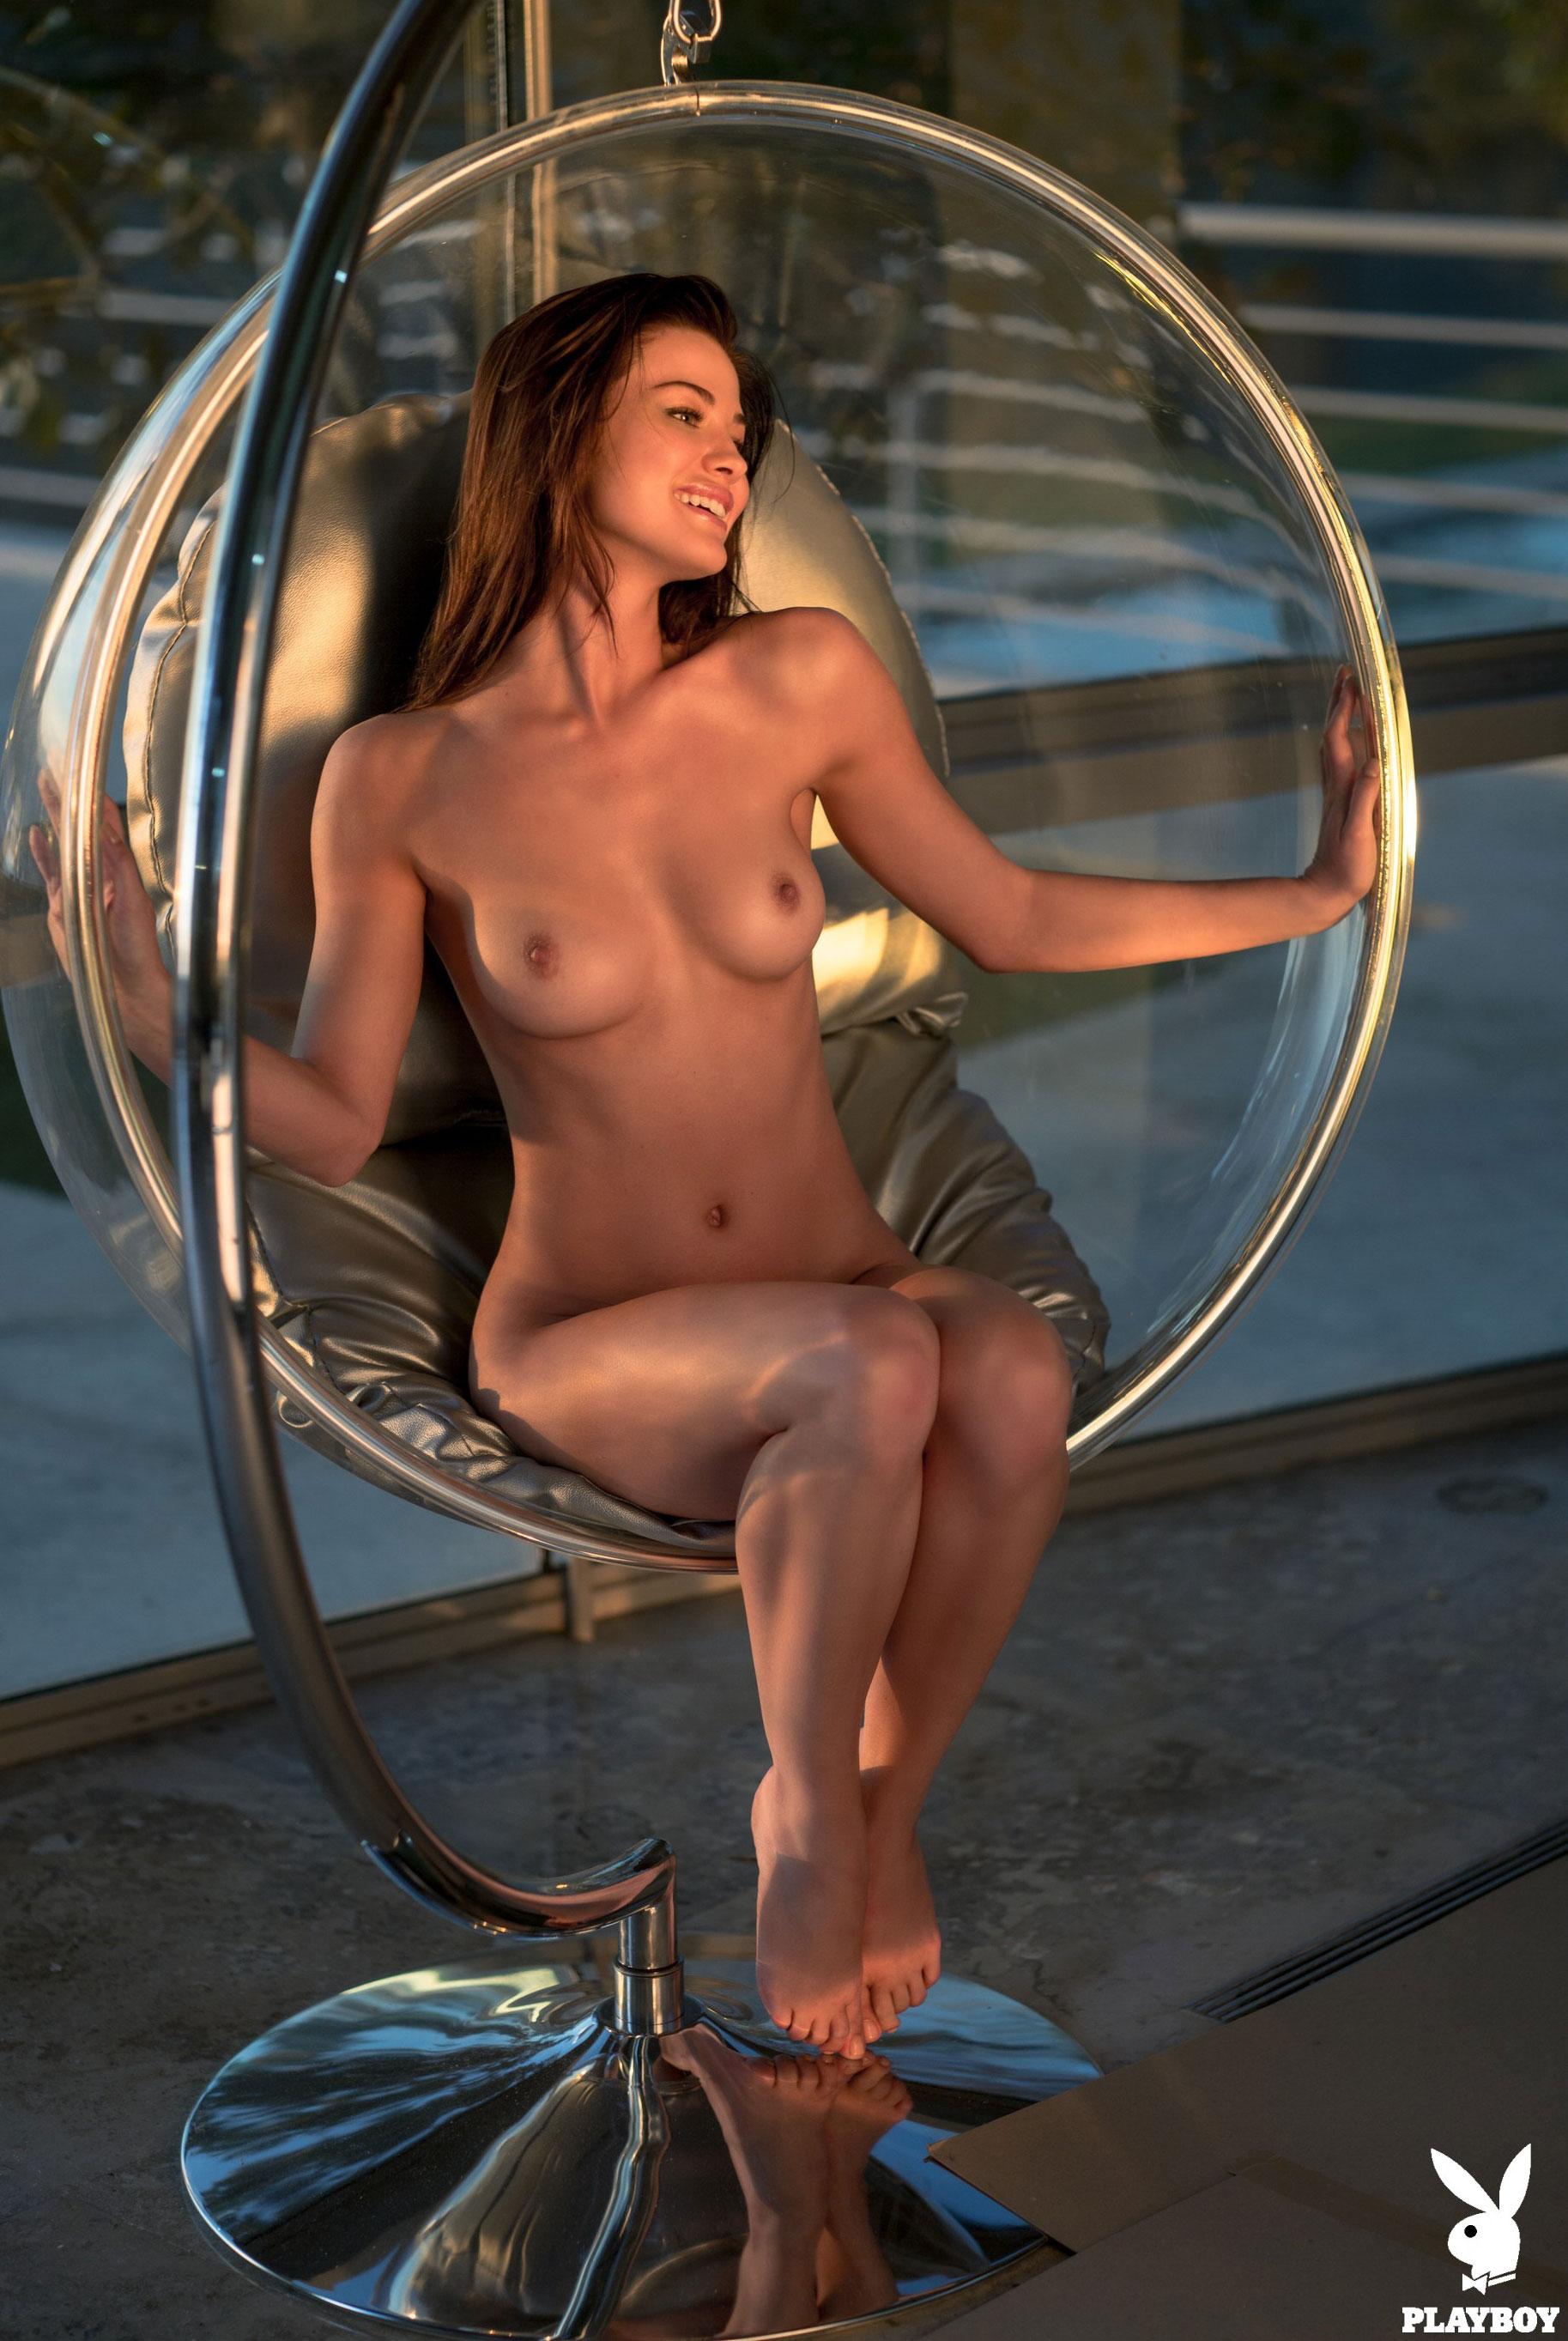 Девушка месяца Jenny Watwood / Playboy США, март 2018 / фото 03